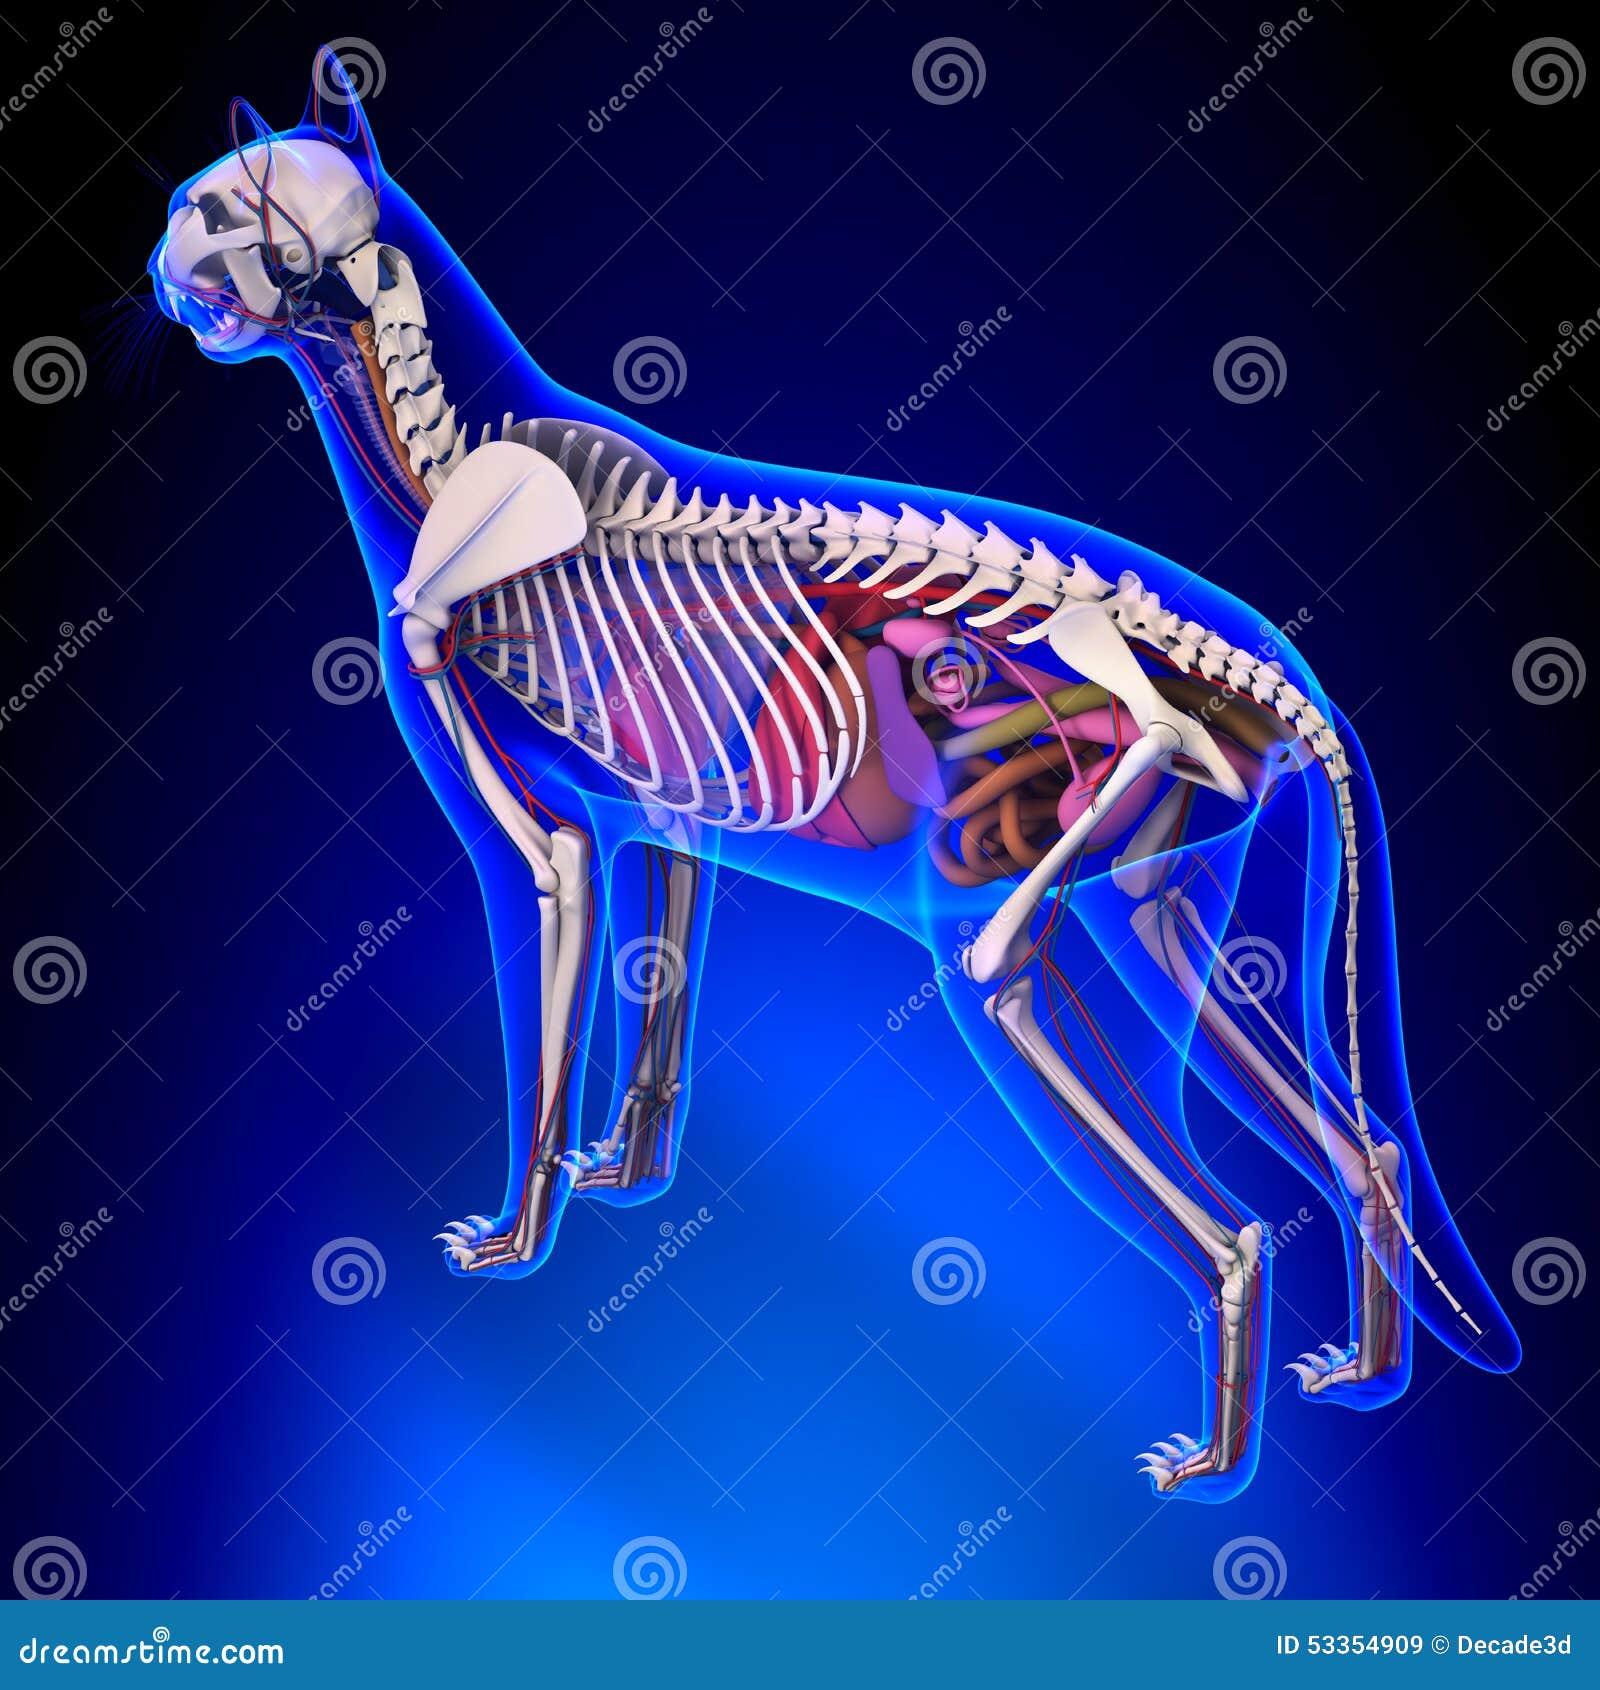 Cat Anatomy - Anatomía Interna De Un Gato Imagen de archivo - Imagen ...